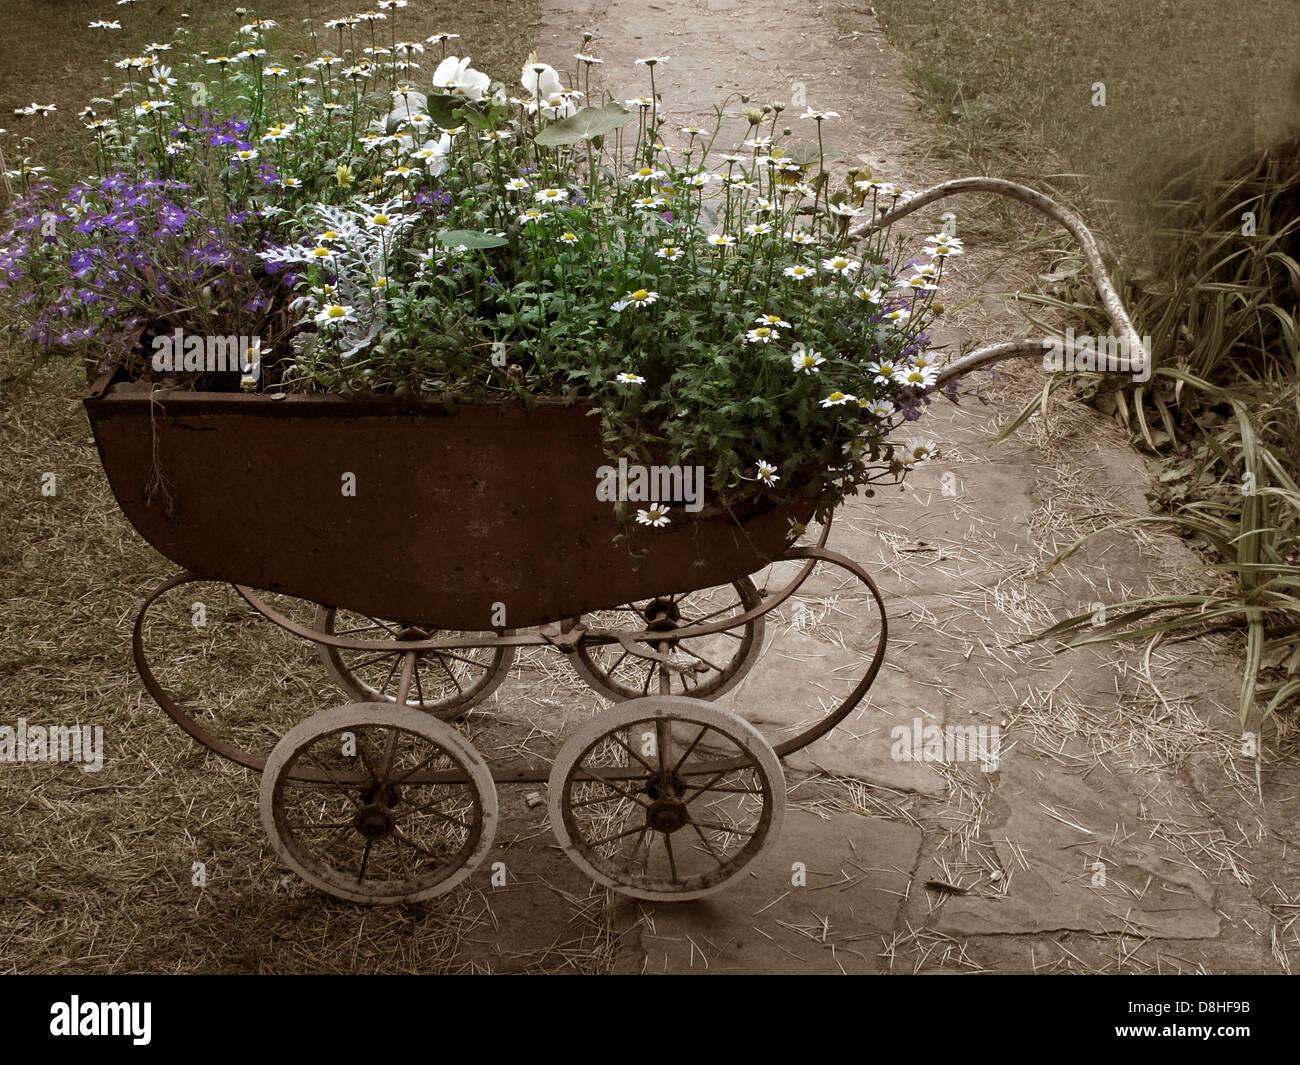 Laden Sie dieses Alamy Stockfoto Einem alten Kinderwagen bepflanzt mit Blumen, Lymm Festival 2011, Warrington, Cheshire, England, UK - D8HF9B